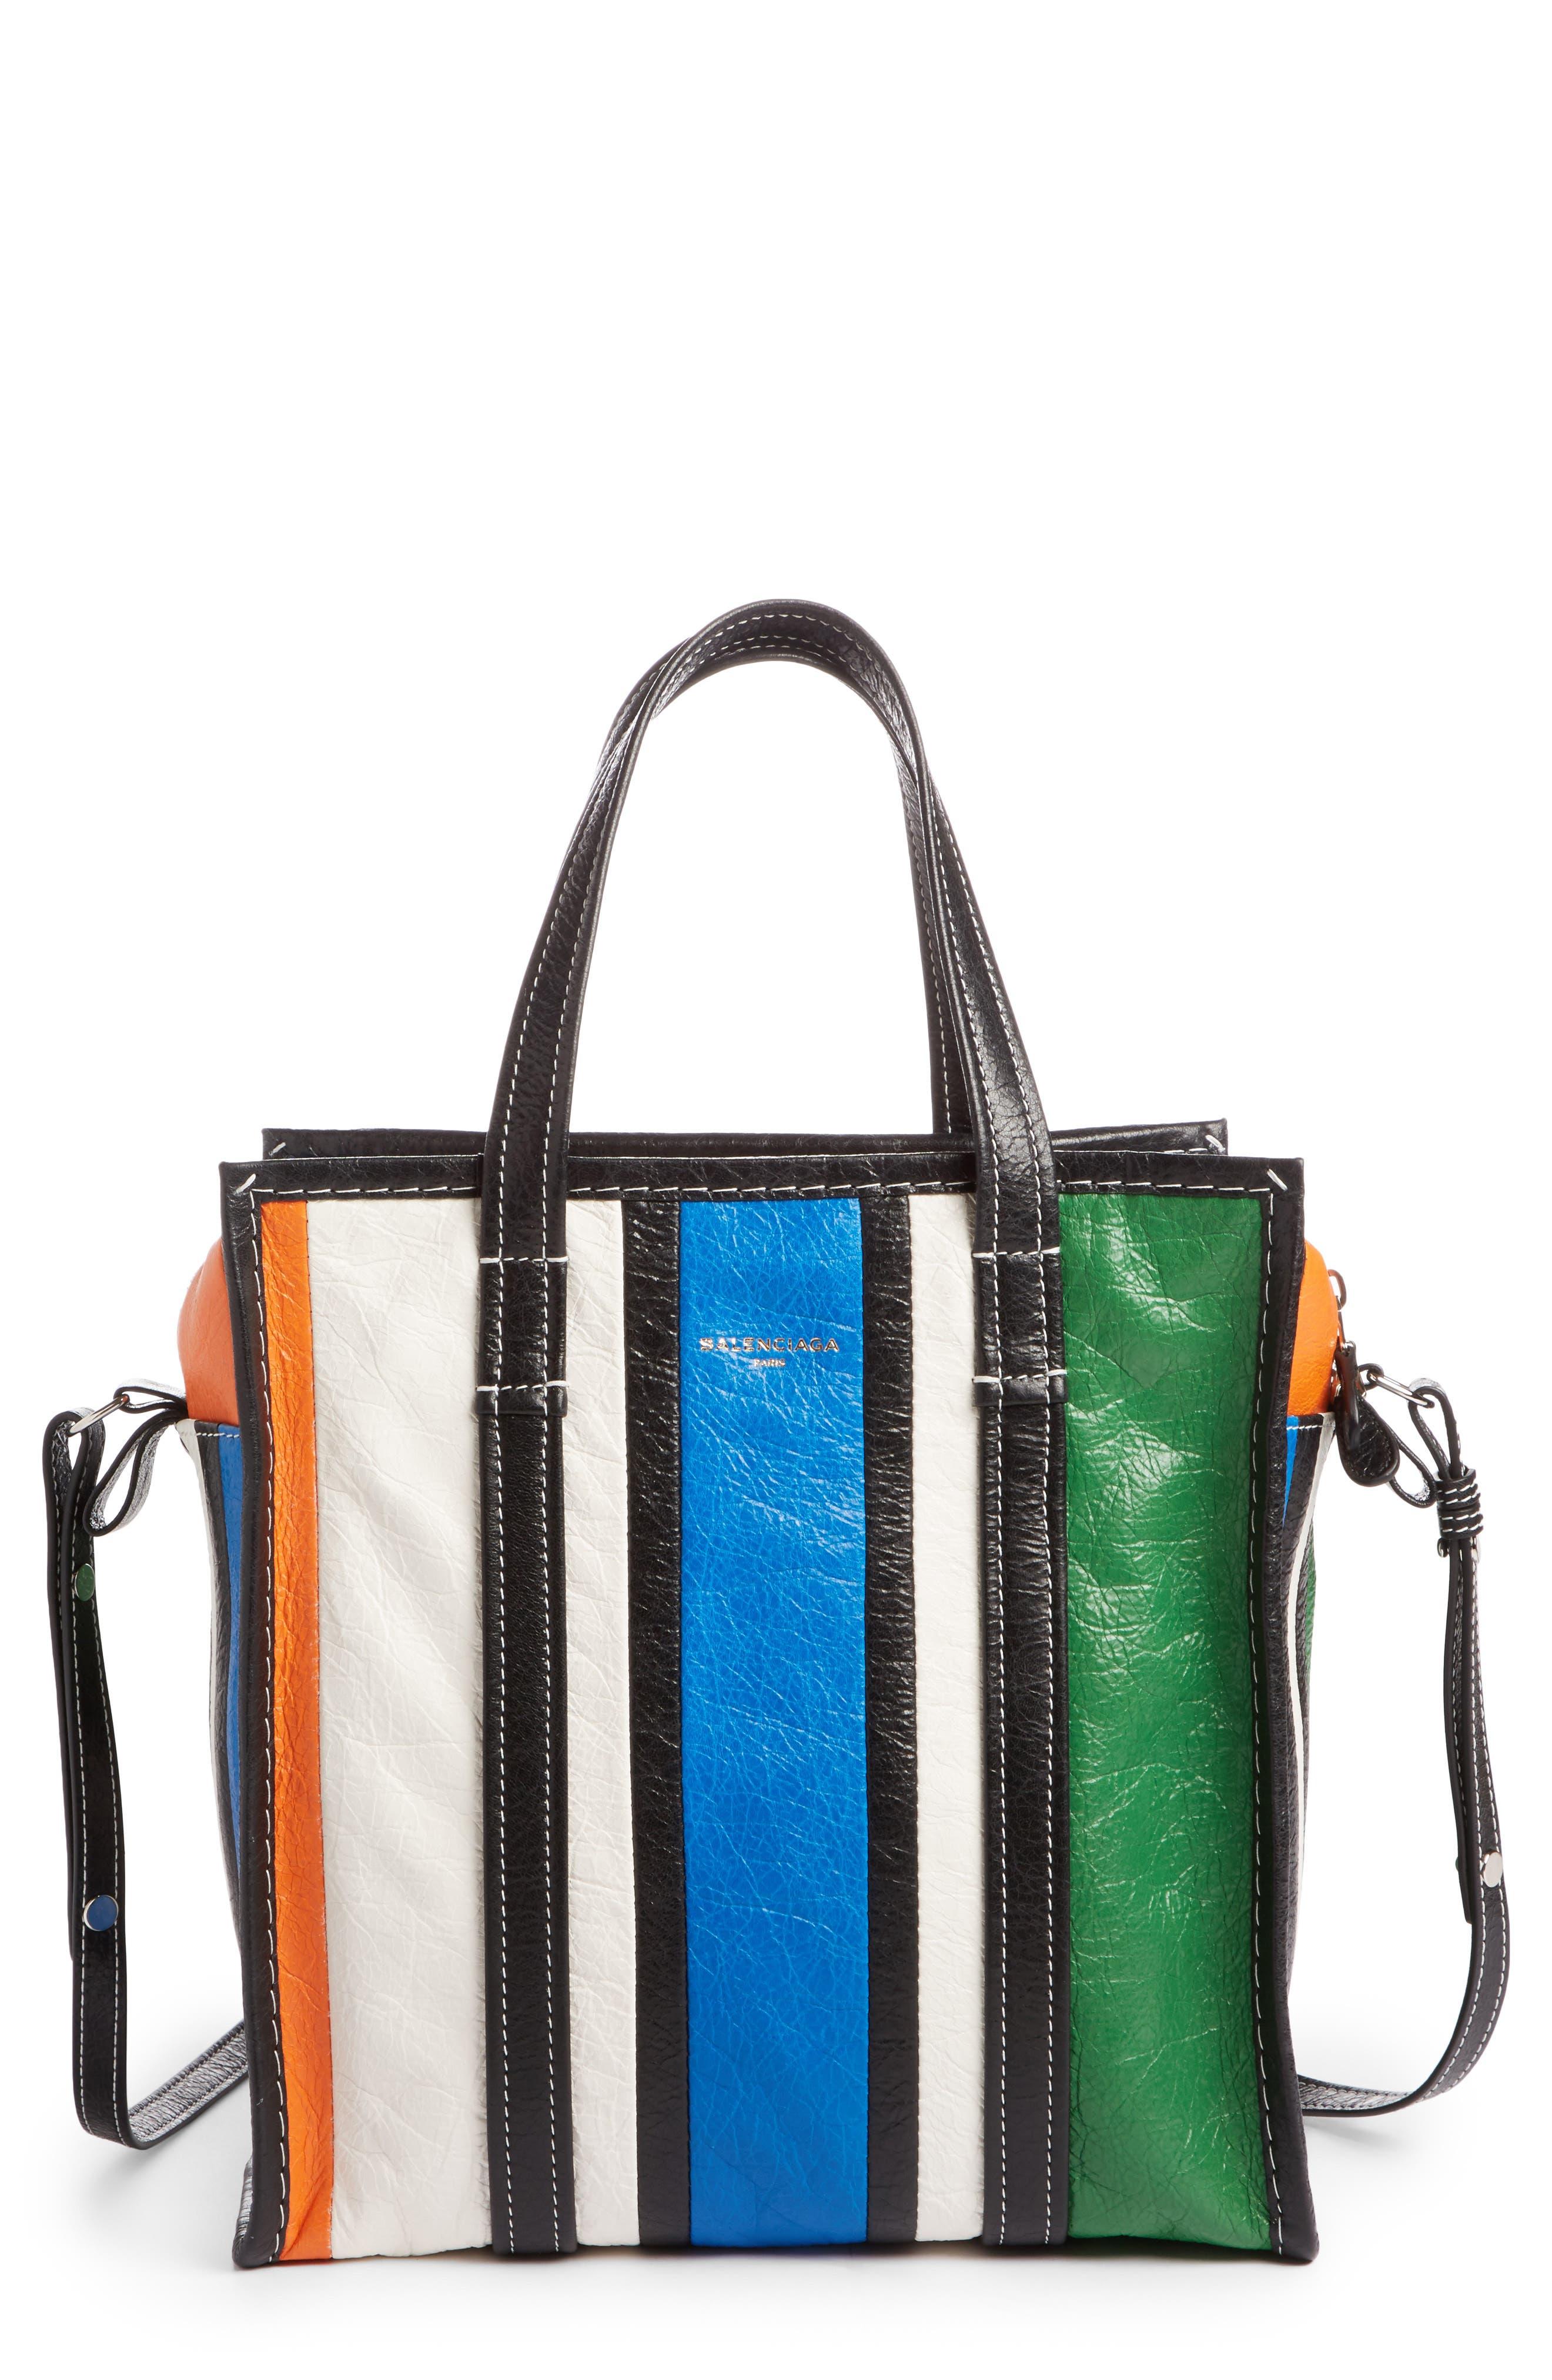 Balenciaga Small Bazar Stripe Leather Tote